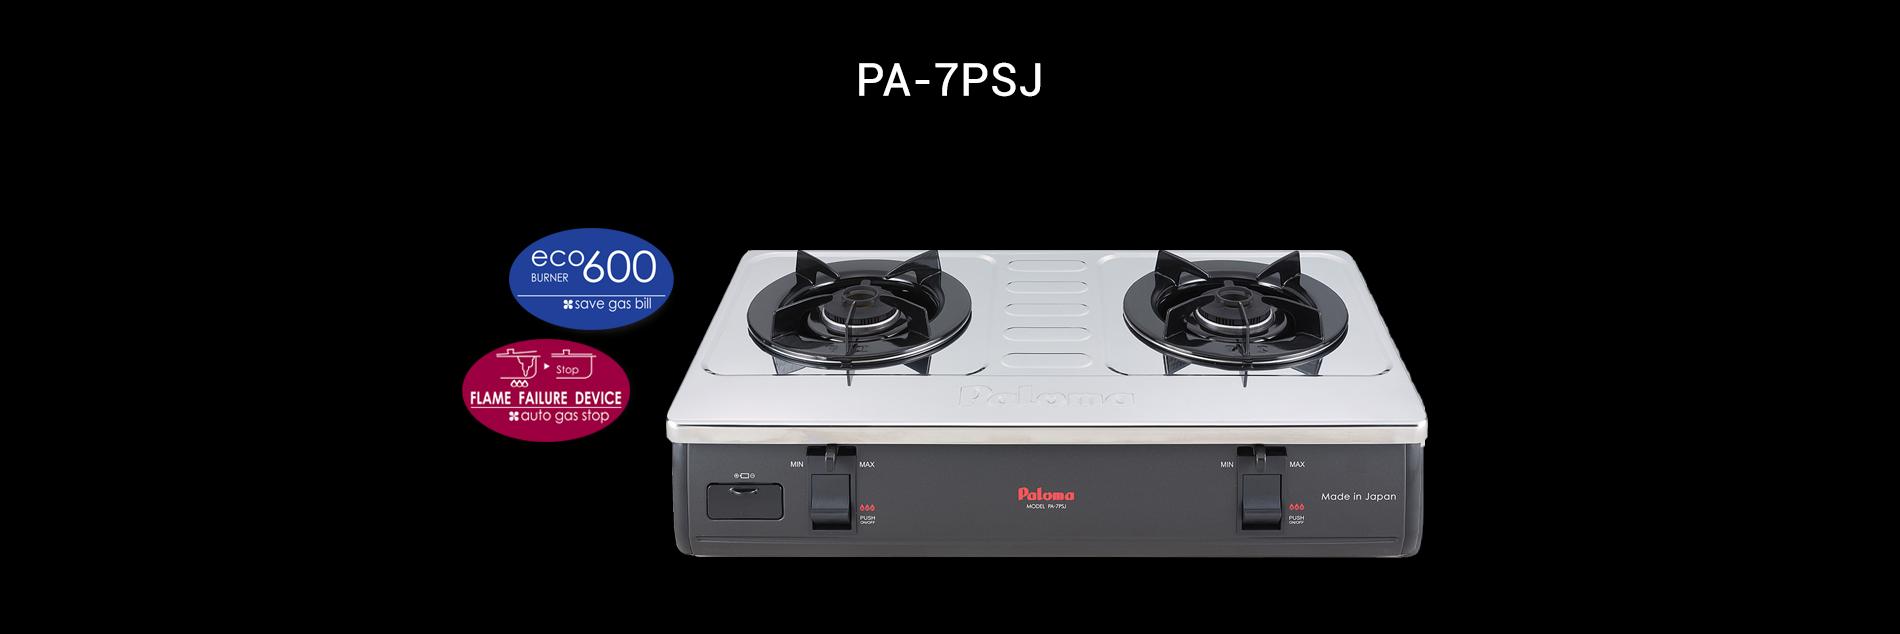 PA-7PSJ